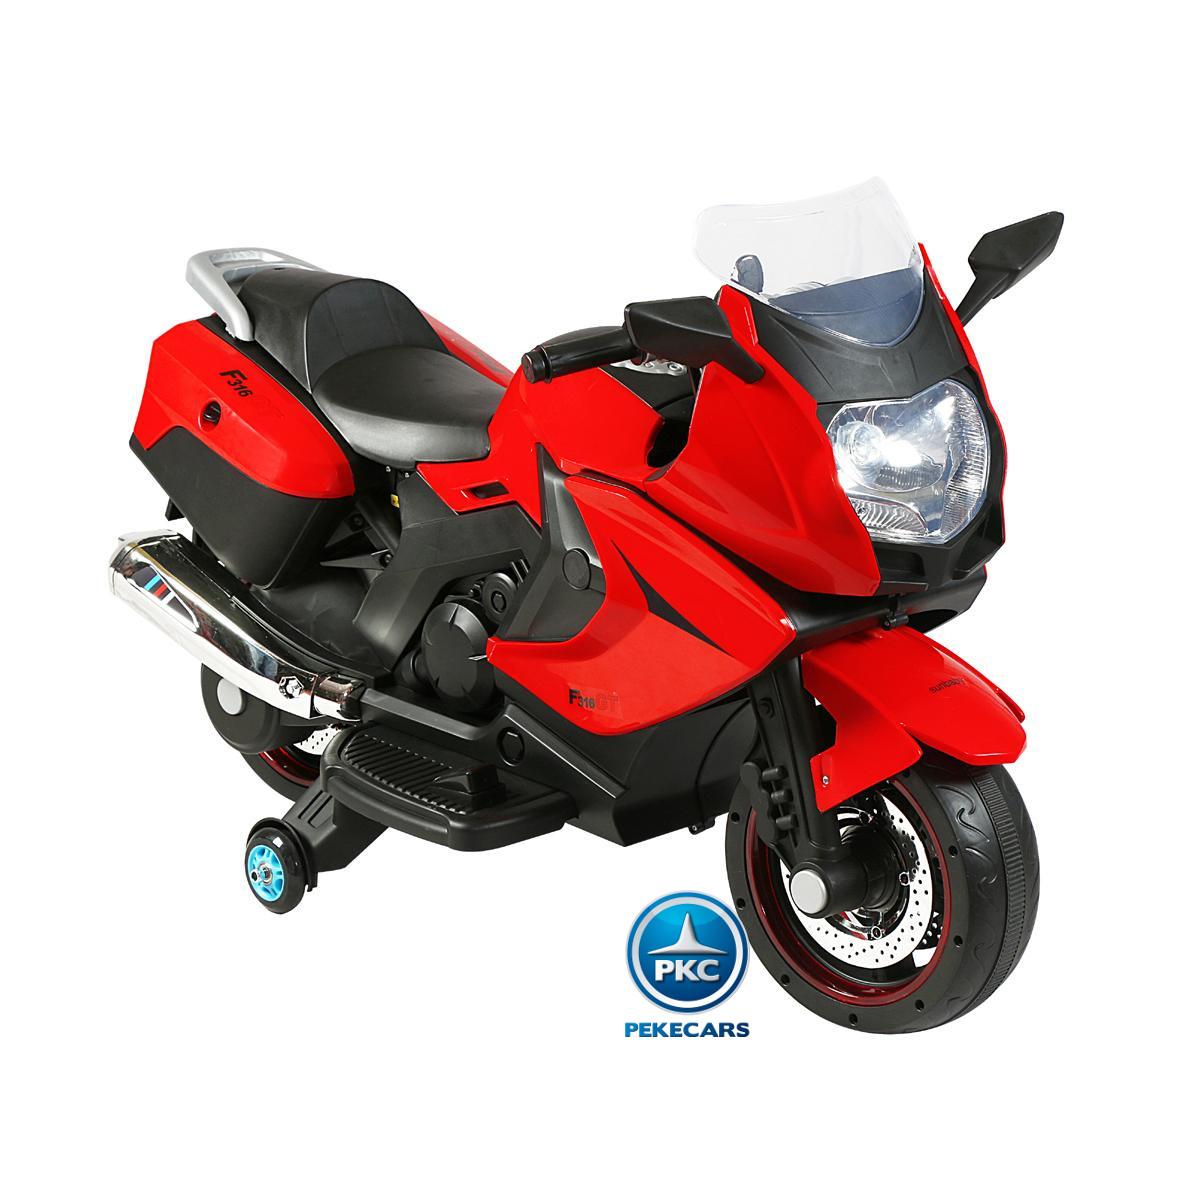 MOTO BMW STYLE 650 C ROJA LATERAL DERECHO width=